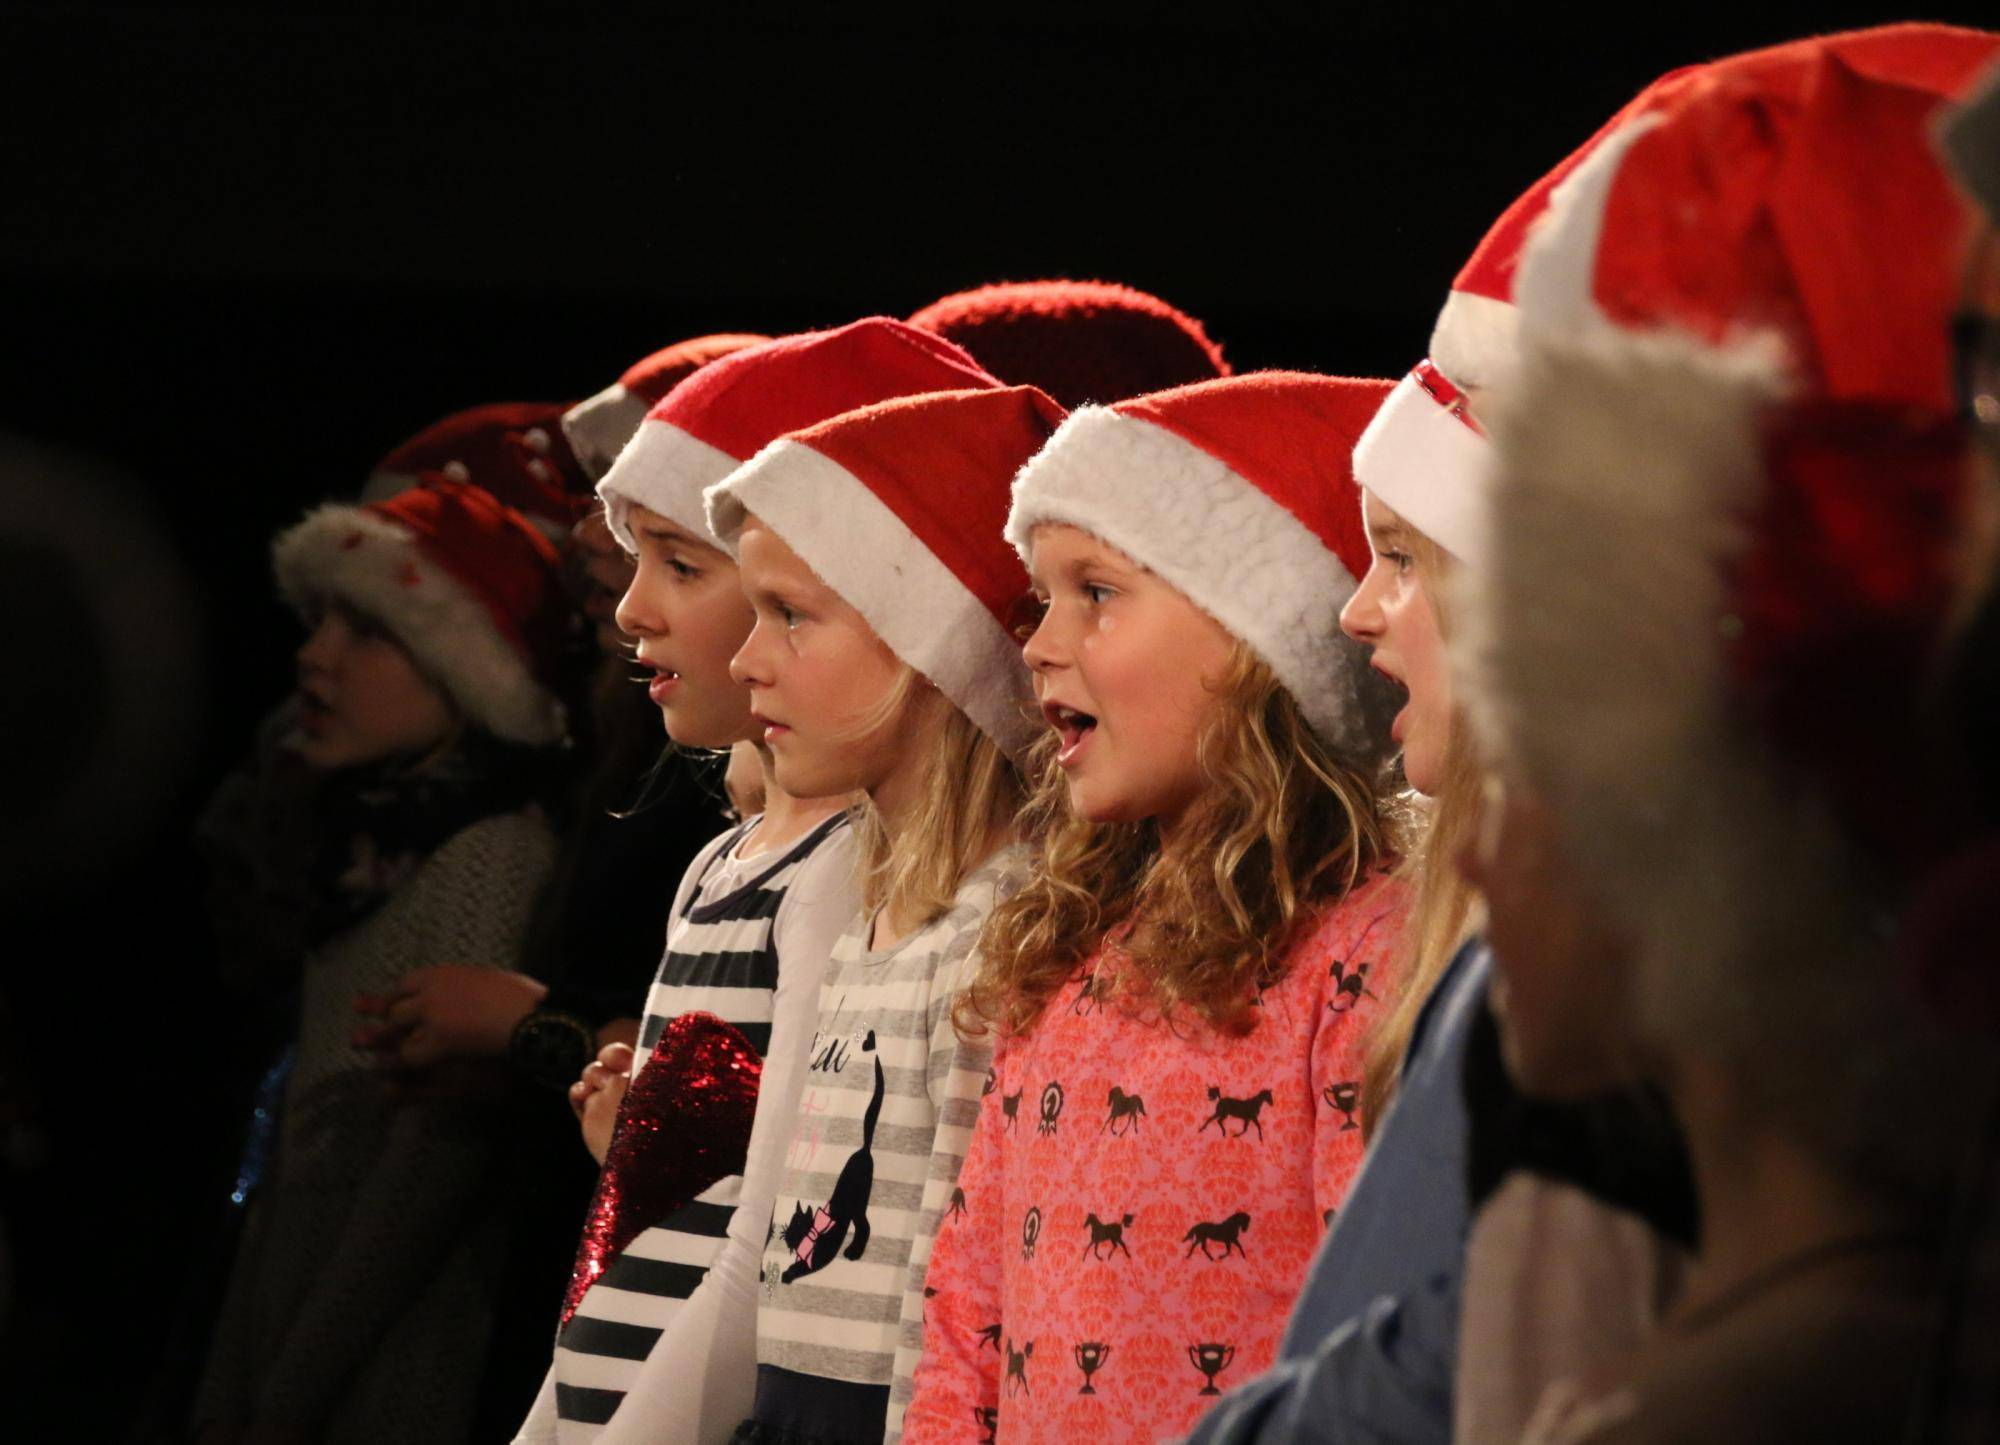 Weihnachtsgrüße Musikalisch.Musikalische Weihnachtsgrüße